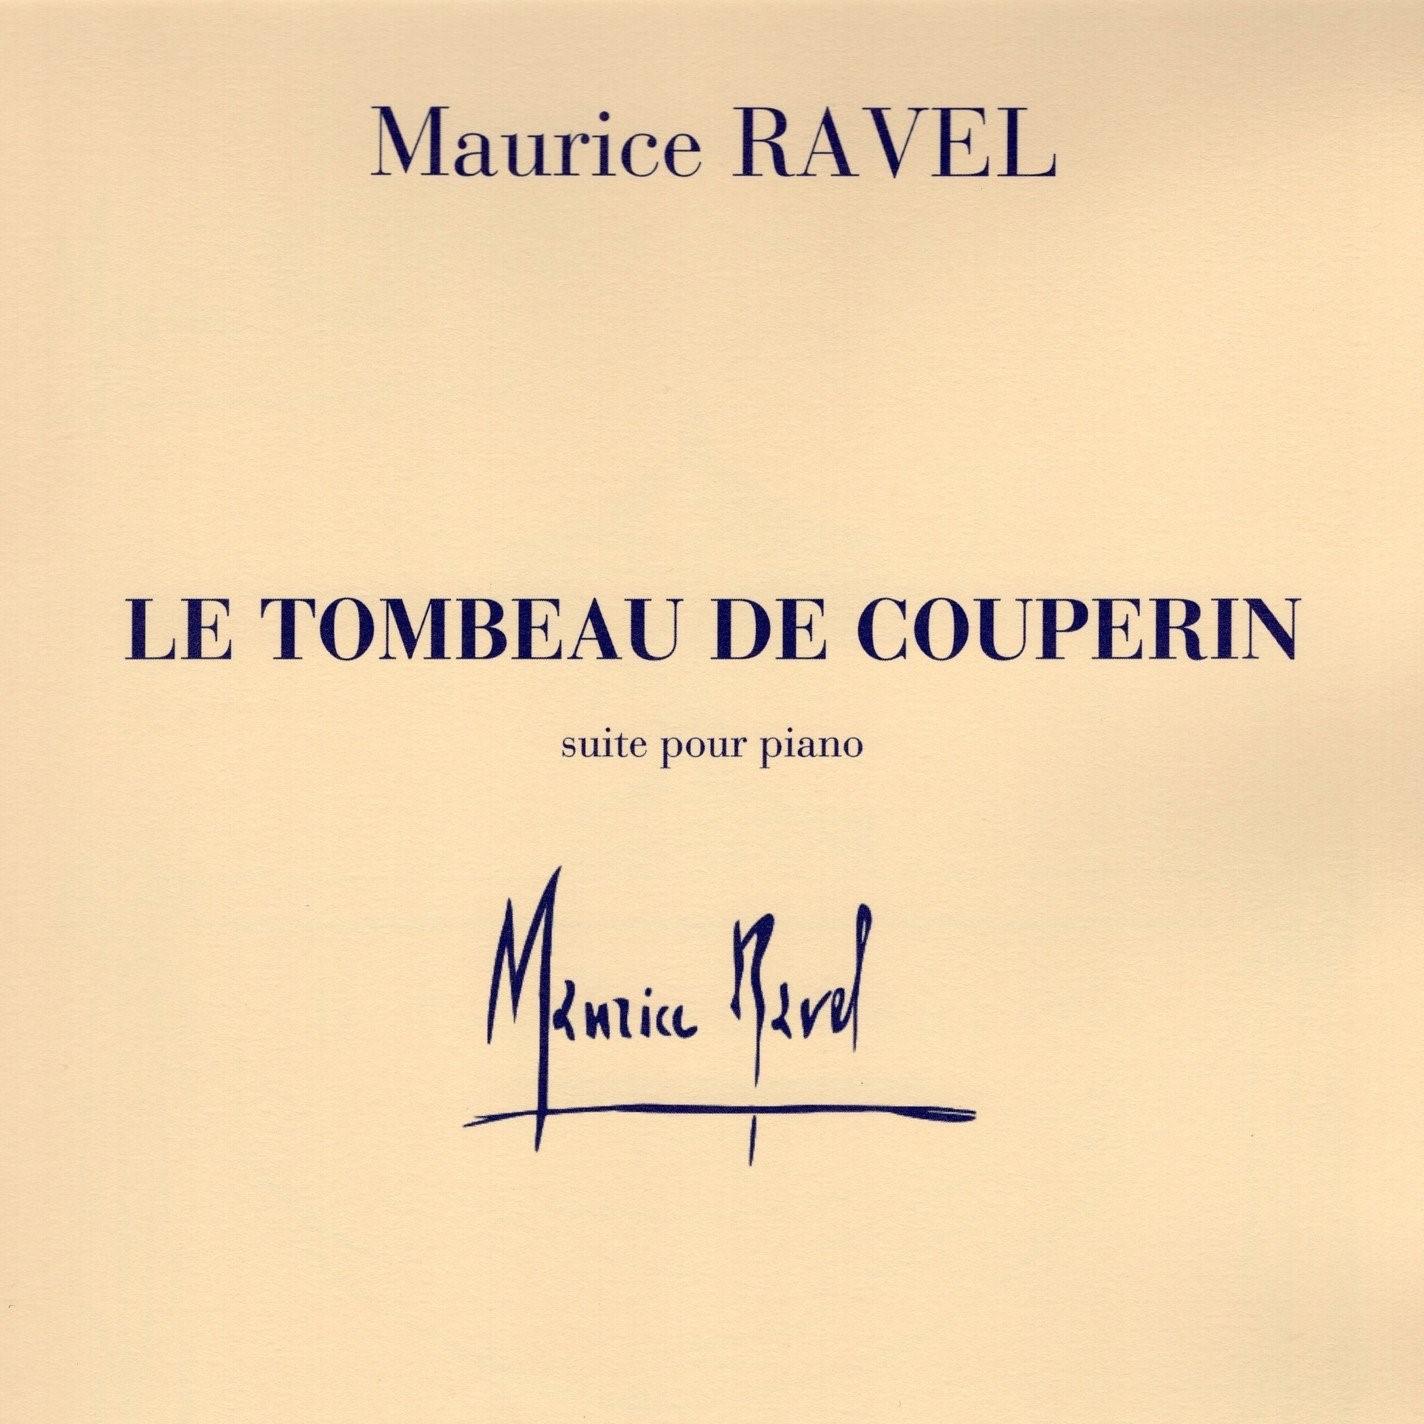 Ravel - Tombeau de Couperin